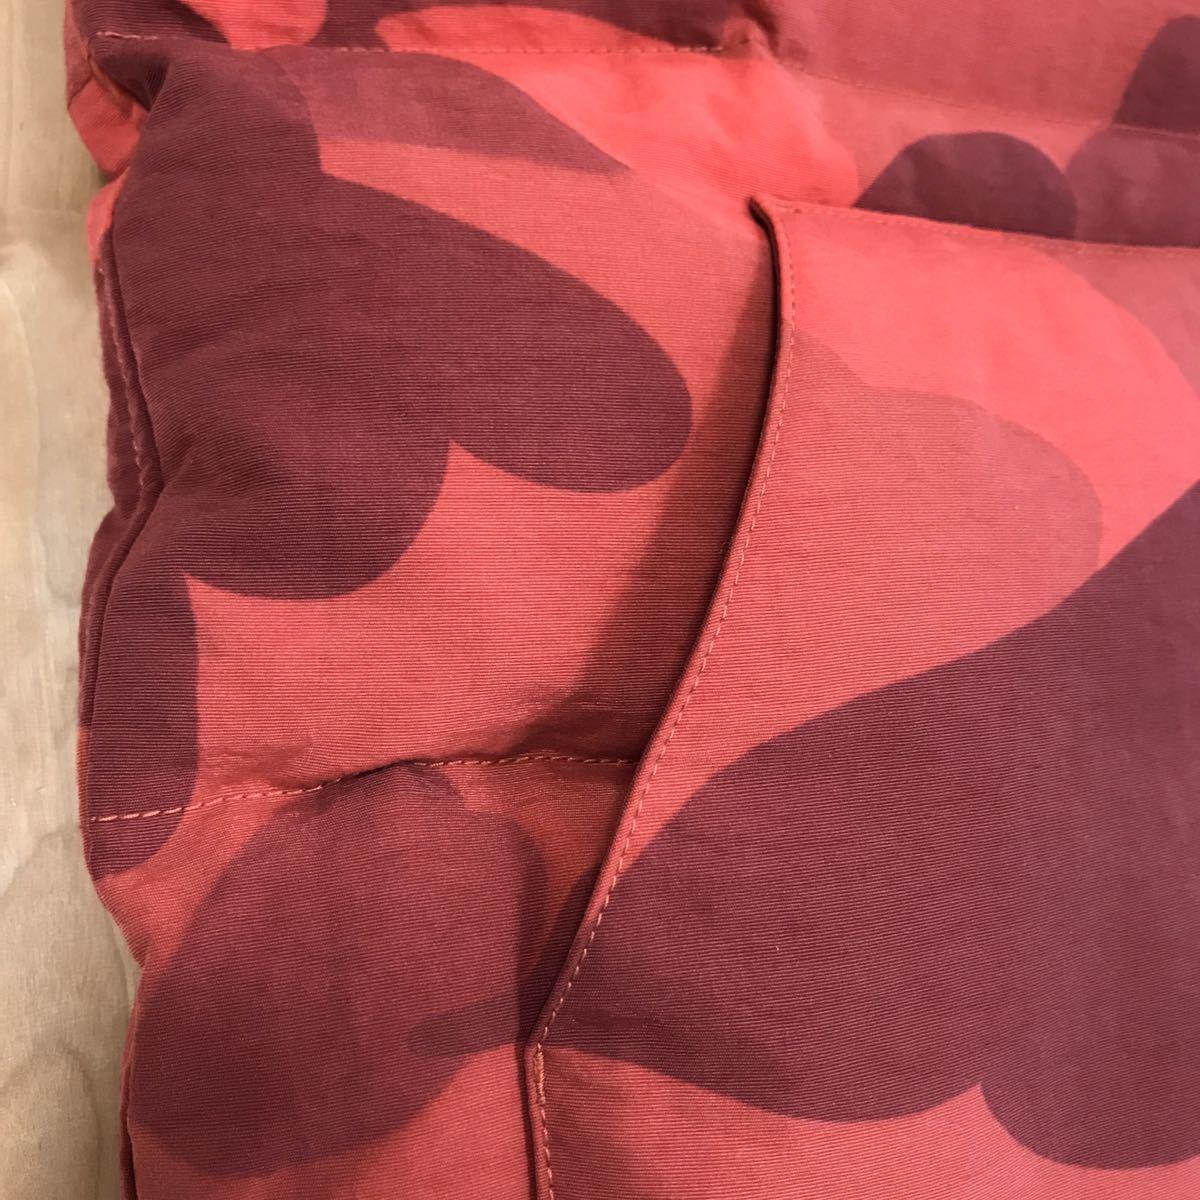 ダウンベスト giant red camo Lサイズ a bathing ape BAPE エイプ ベイプ アベイシングエイプ zoom down vest レッドカモ 赤 迷彩 854